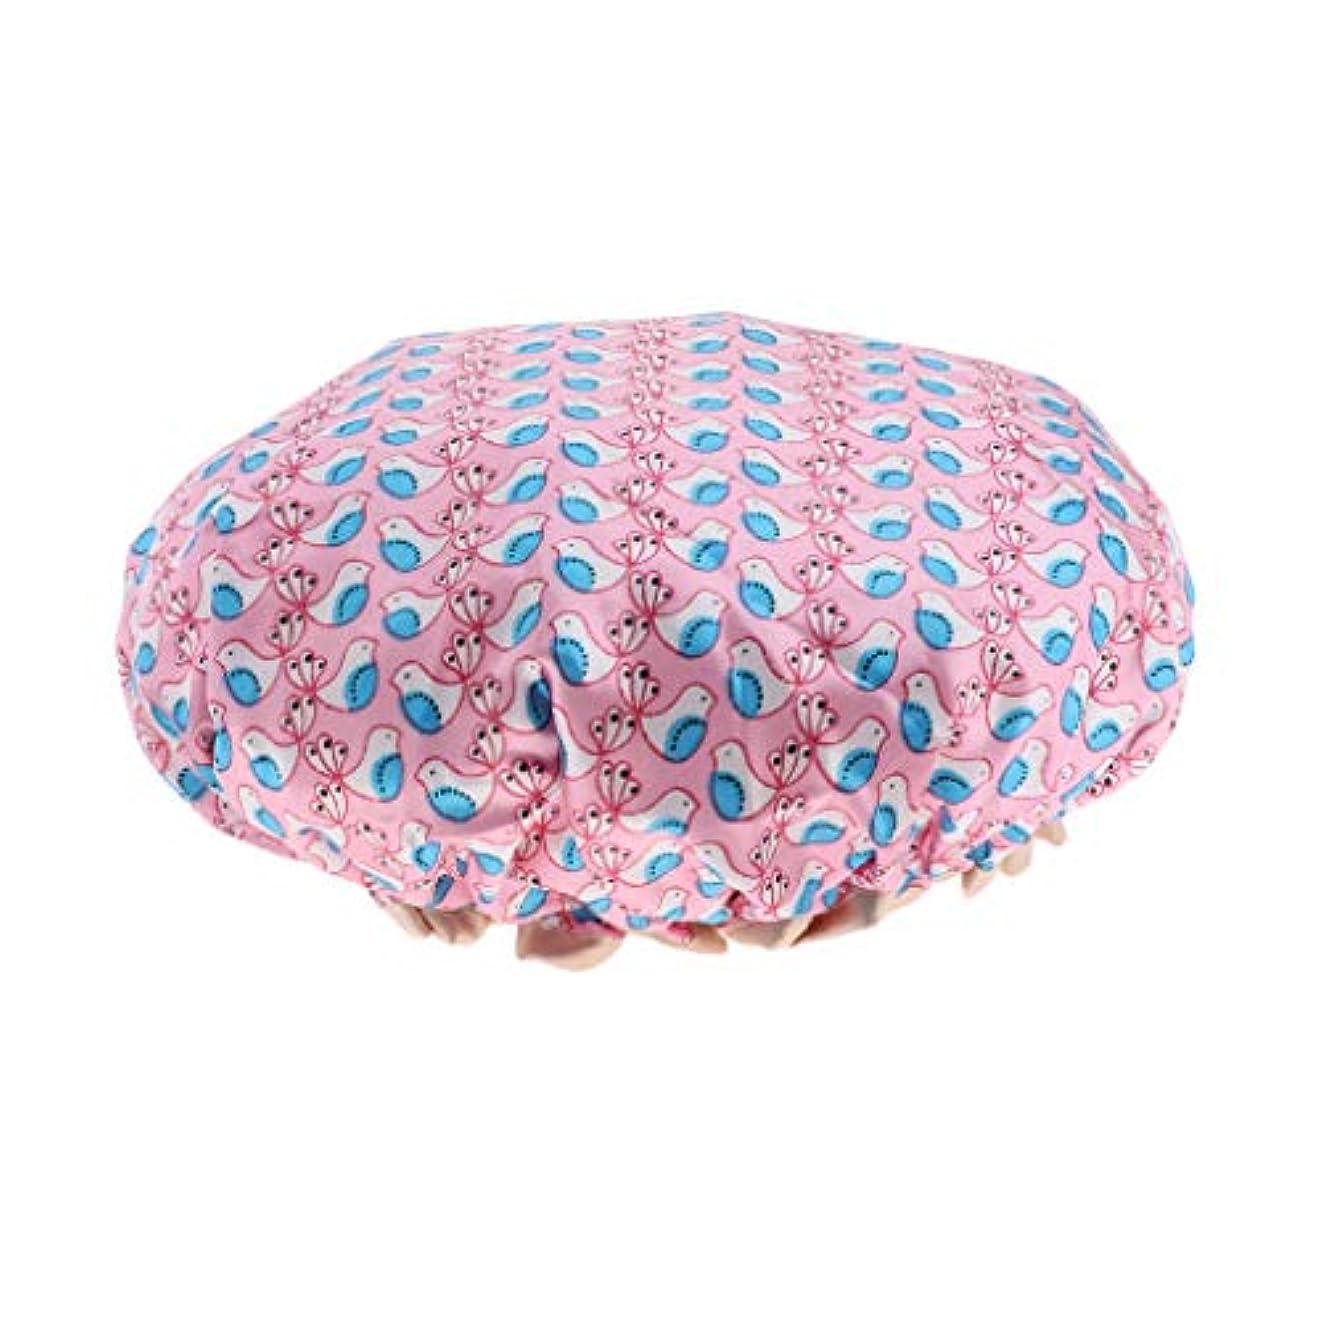 キャンドルから聞くサリーシャワーキャップ ヘアキャップ 帽子 女性用 入浴 バス用品 二重層 防水 全3色 - ピンク